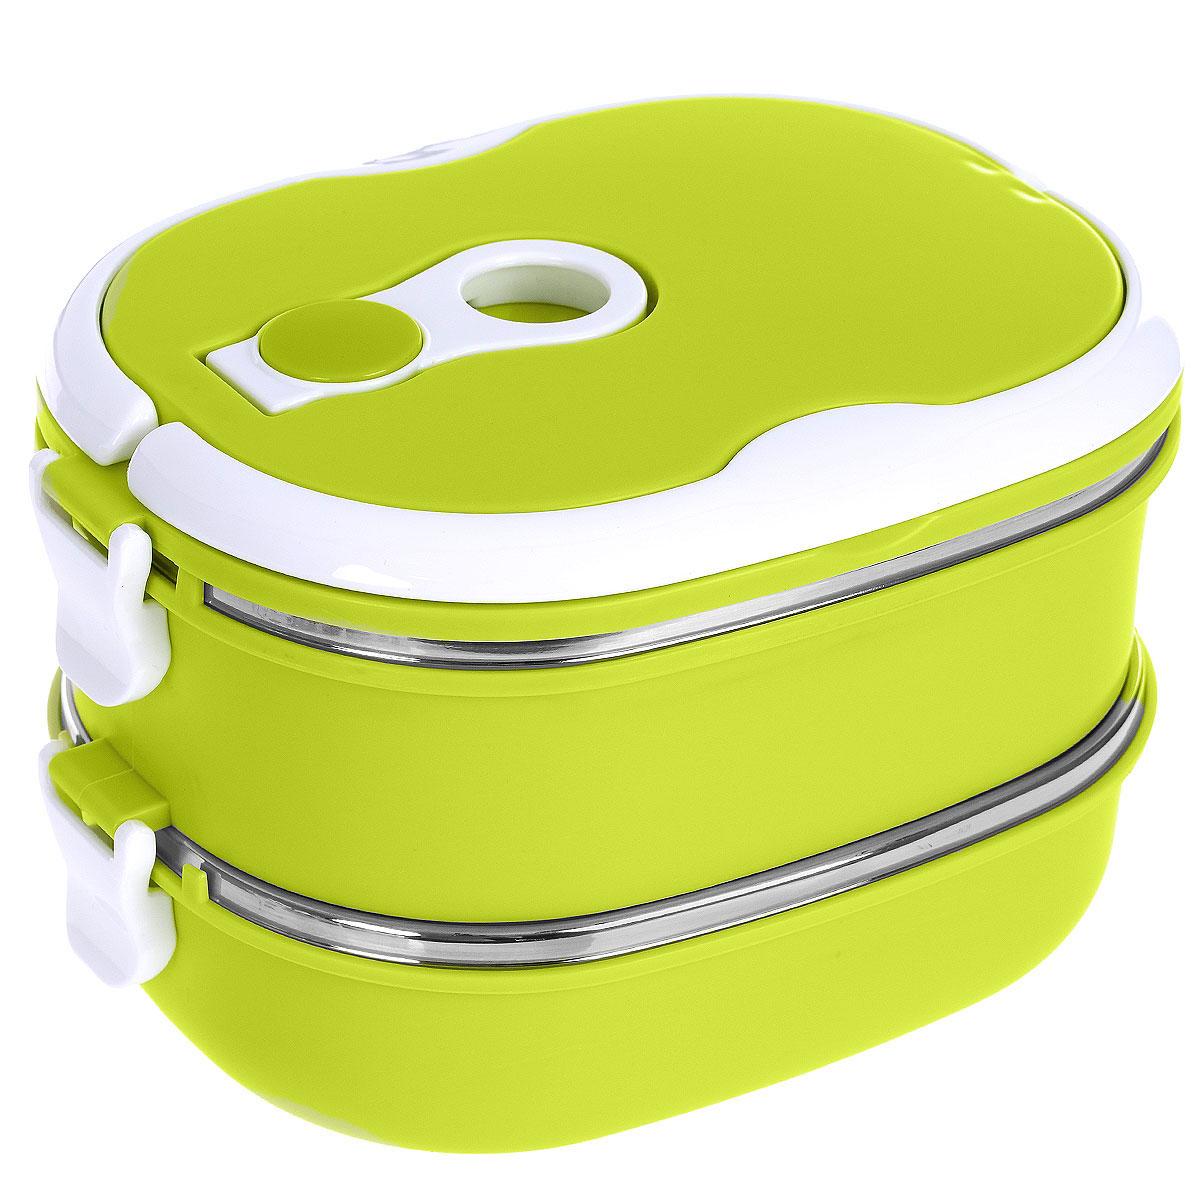 Термо ланч-бокс двойной Bradex Bento, цвет: зеленый, 1,5 лTK 0050Двойной термо ланч-бокс Bradex Bento станет незаменимой вещью для офисных работников, водителей, школьников и студентов. Благодаря двойной стенке ланч-бокс сохраняет температуру продуктов в течение 4-5 часов, поэтому вы сможете насладиться теплым обедом и вне дома. Ланч-бокс имеет абсолютно герметичную конструкцию и складные ручки для удобства переноски, также он пригоден для мытья в посудомоечной машине, идеален для пикников и путешествий. Вы можете носить в Bento обеды и завтраки, супы, закуски, фрукты, овощи и другое. Так как ланч-бокс имеет два уровня, то в нем можно хранить большее количество продуктов.Объем: 1,5 л.Размер одного контейнера: 18,5см х 14,5 см х 6 см.Общий размер ланчбокса: 18,5 см х 14,5 см х 13 см.